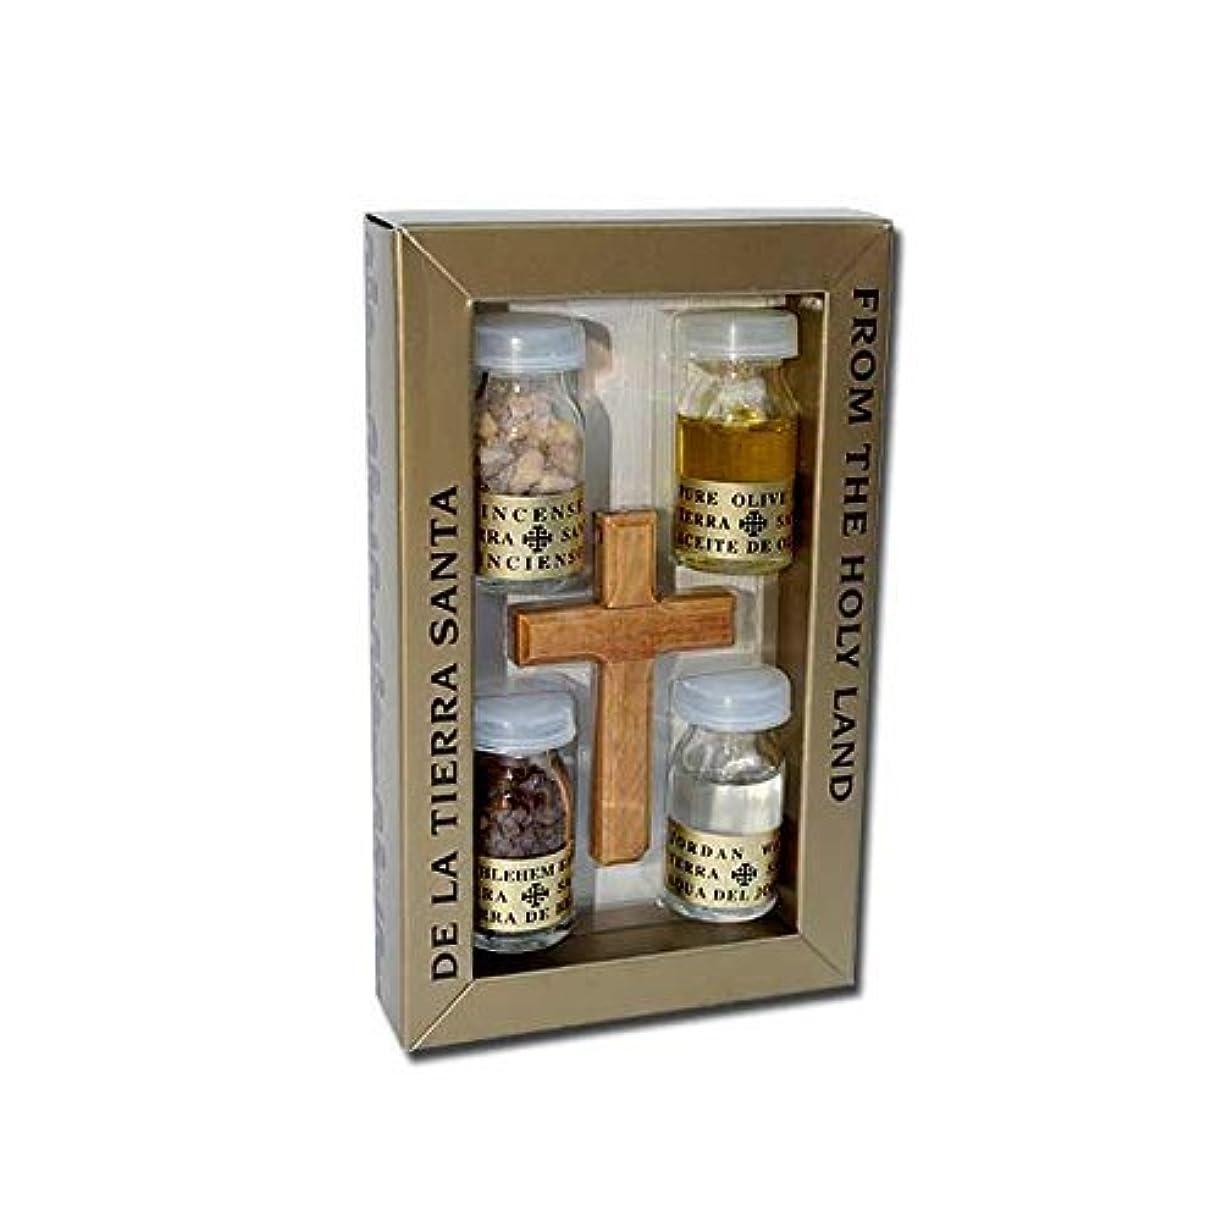 トラクター開梱酸度オリーブウッドクロスセットwith 4 Bottles – オイル、水、Incense & Earth – Prayerカードby HolyRoses